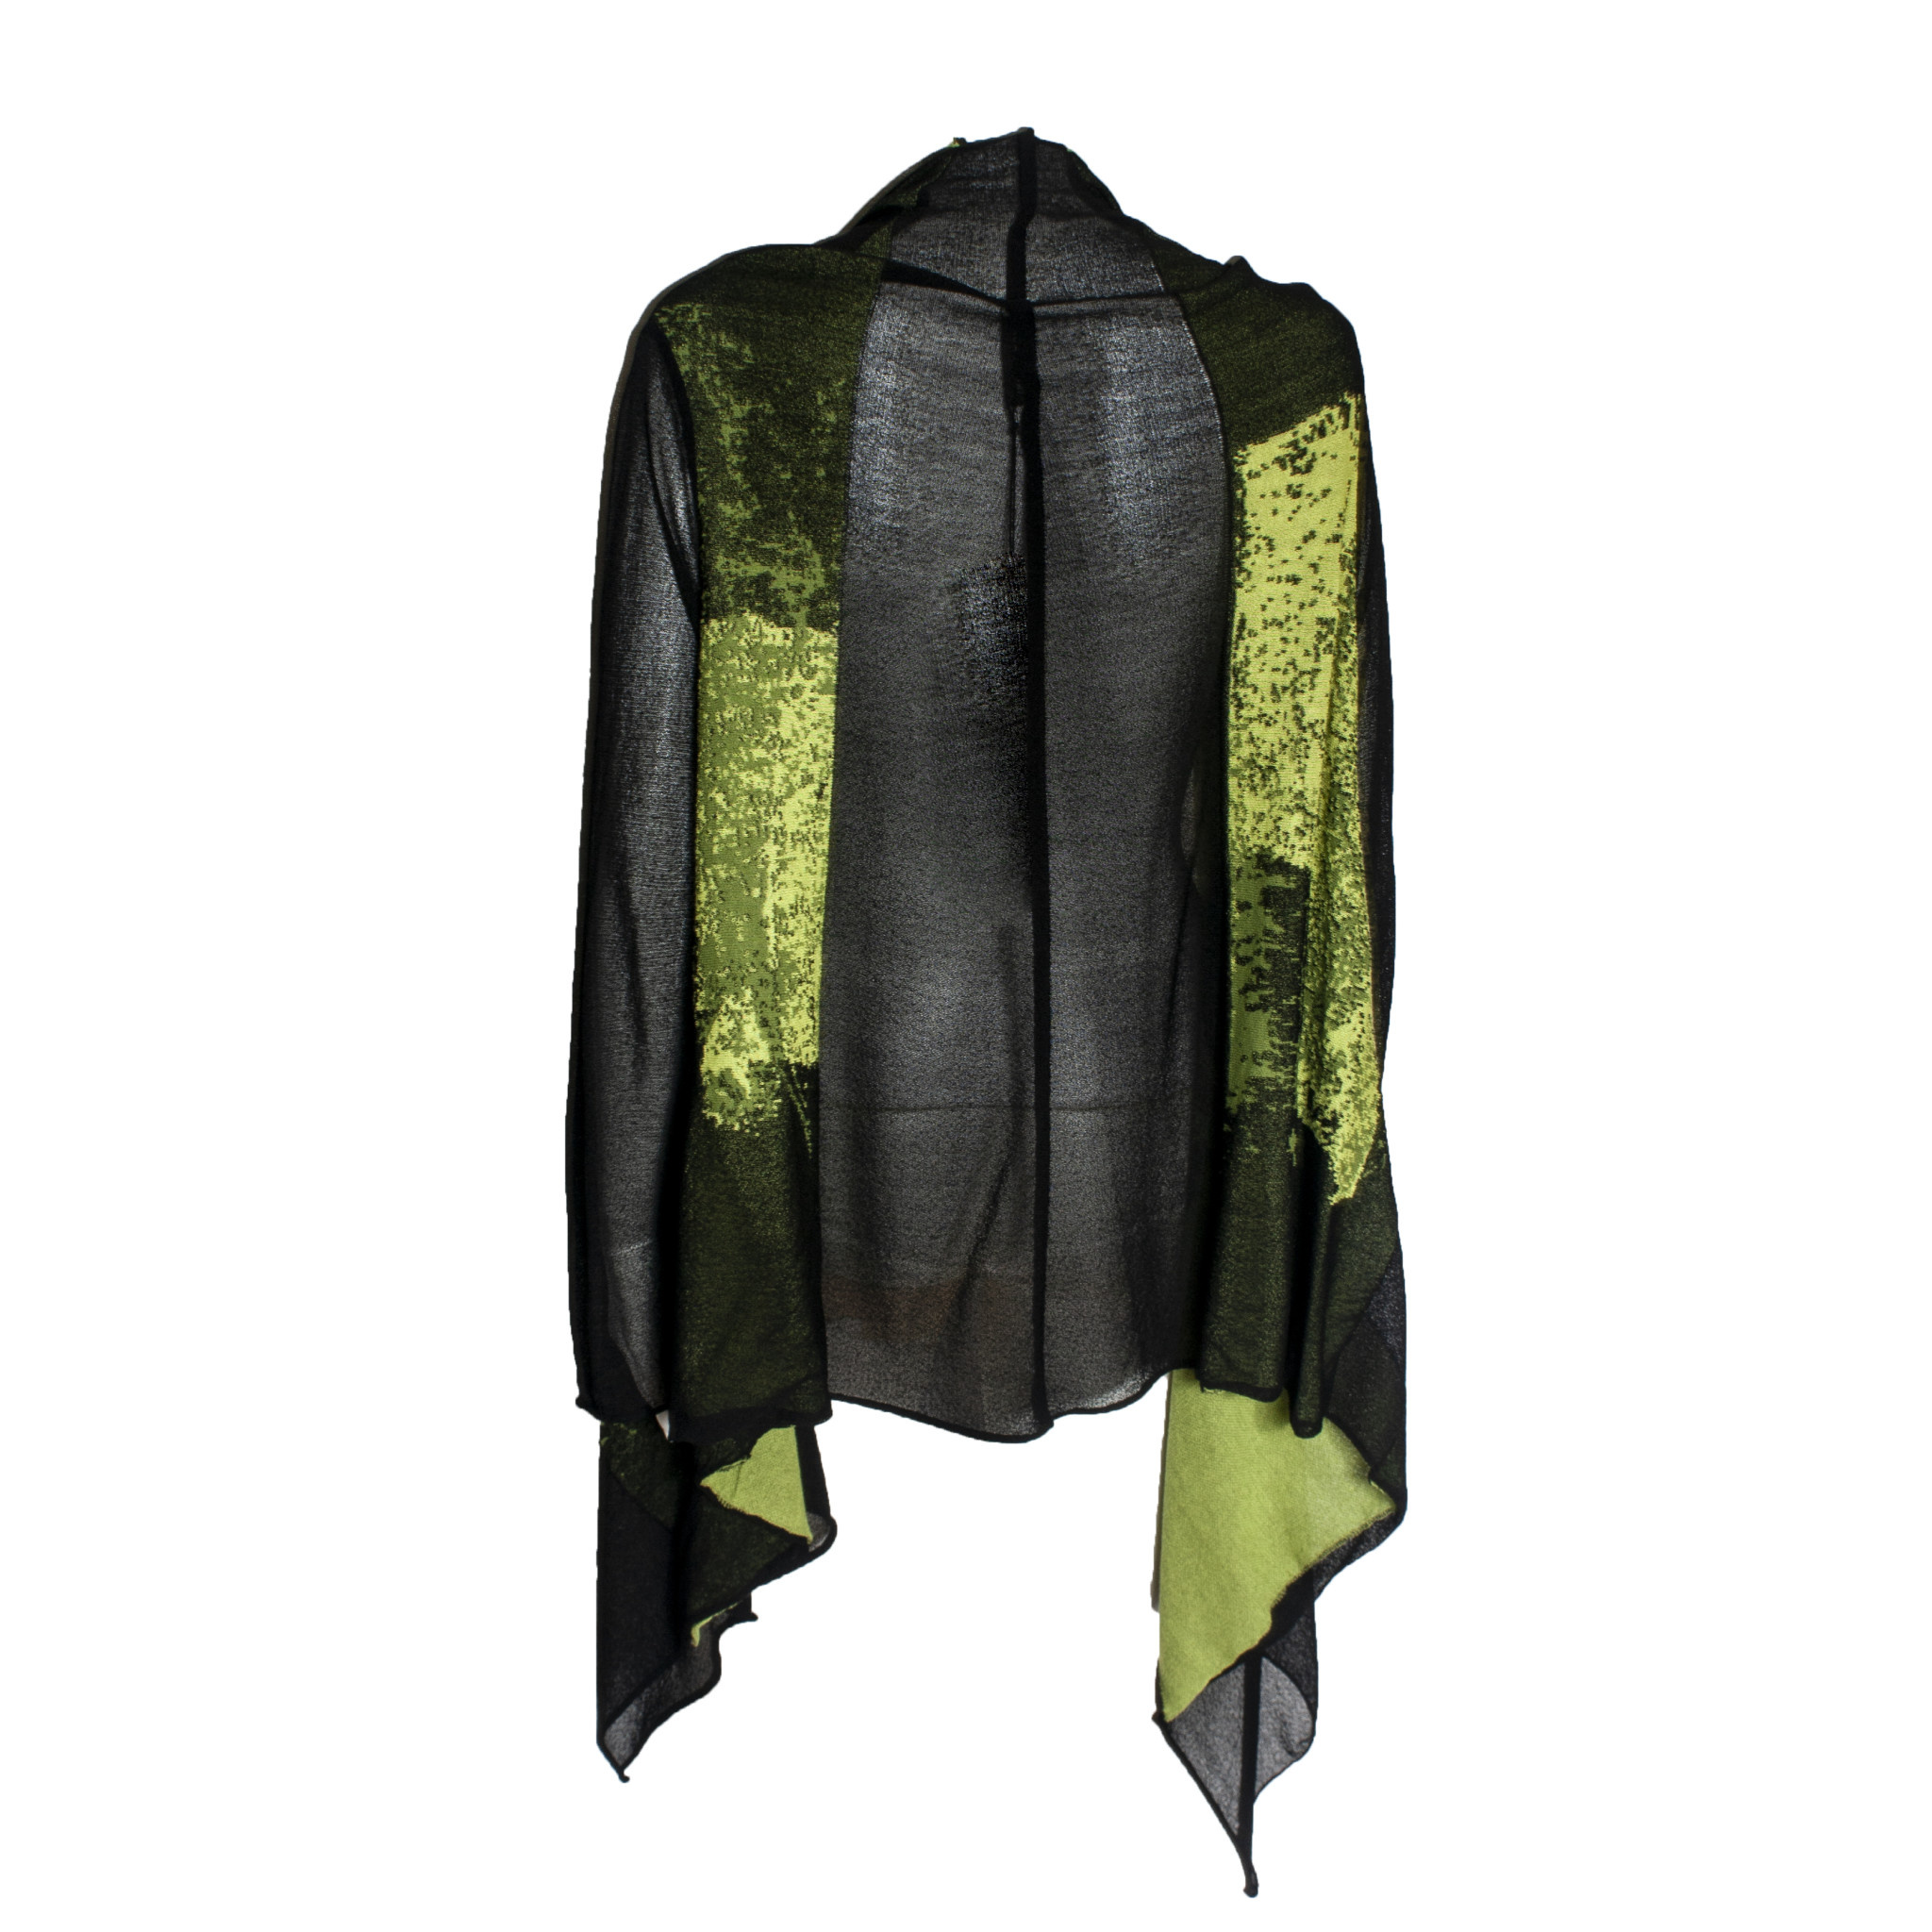 Ingrid Munt Ingrid Munt Citron Print Jacket - Multi